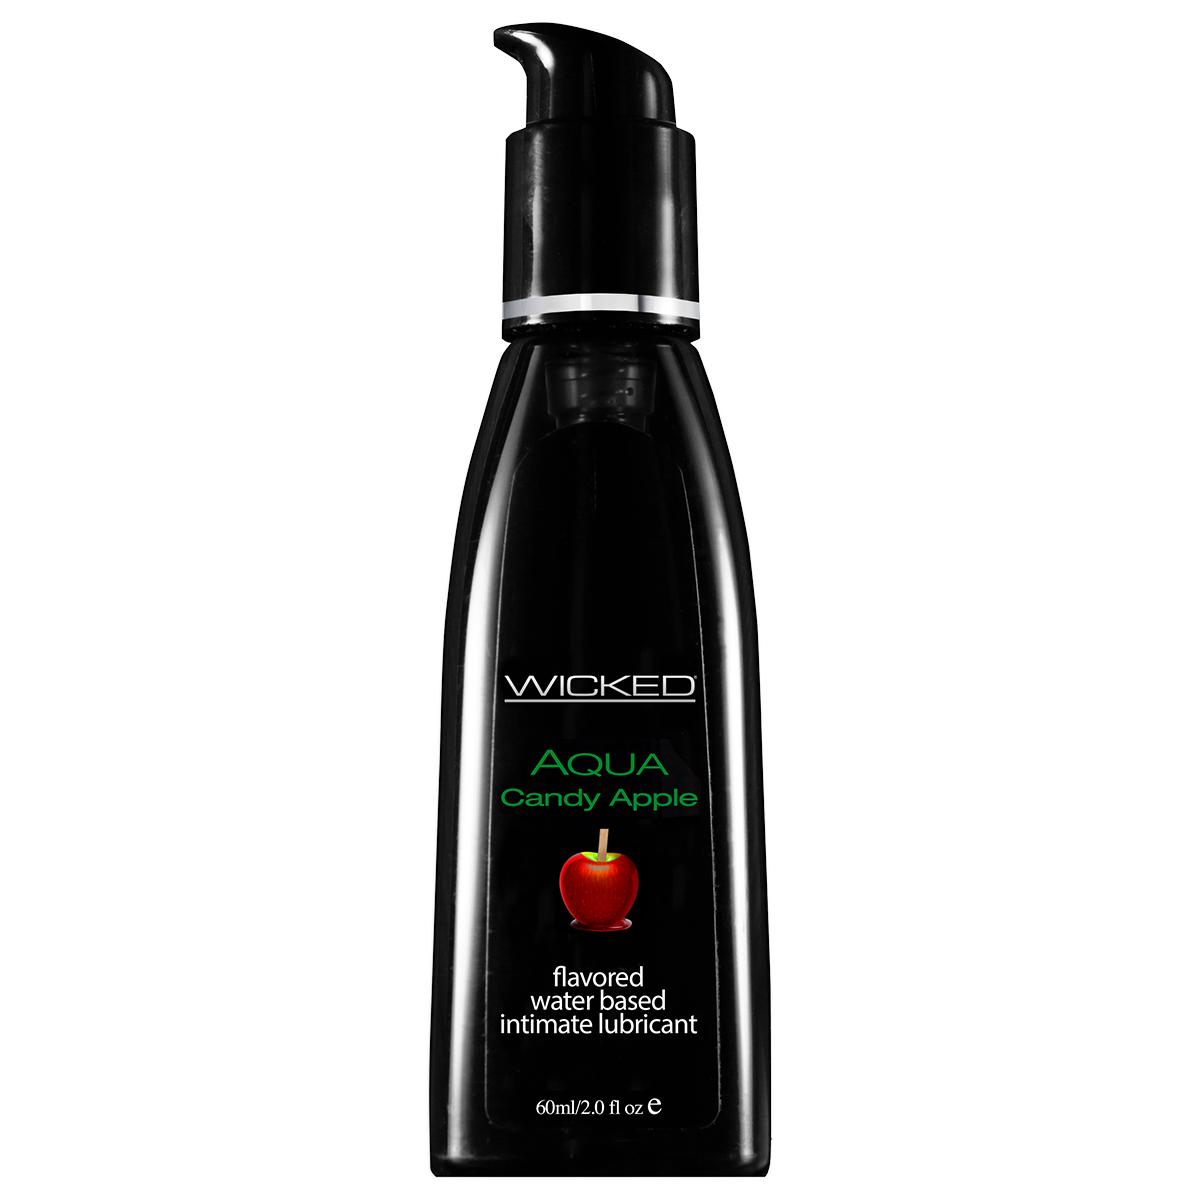 Wicked, Лубрикант со вкусом сахарного яблока WICKED AQUA Candy Apple 60 мл популярные товары для взрослых длина 18 20 см